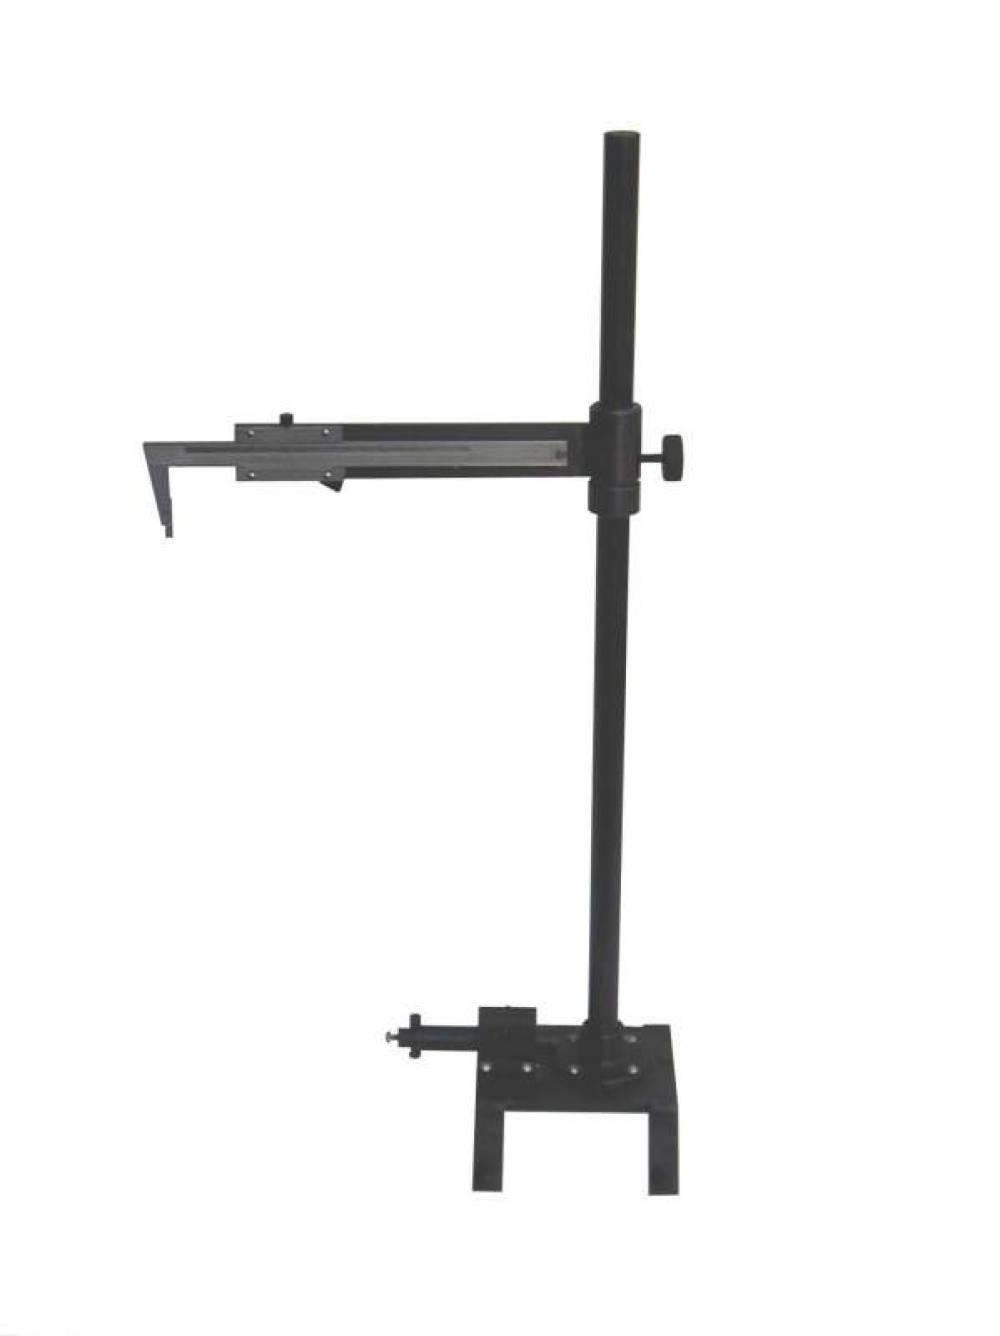 Стойка контрольная галтель-бандаж СК-130-270 (контроля расстояния от галтели буксовой шейки до внутренней грани бандажа)